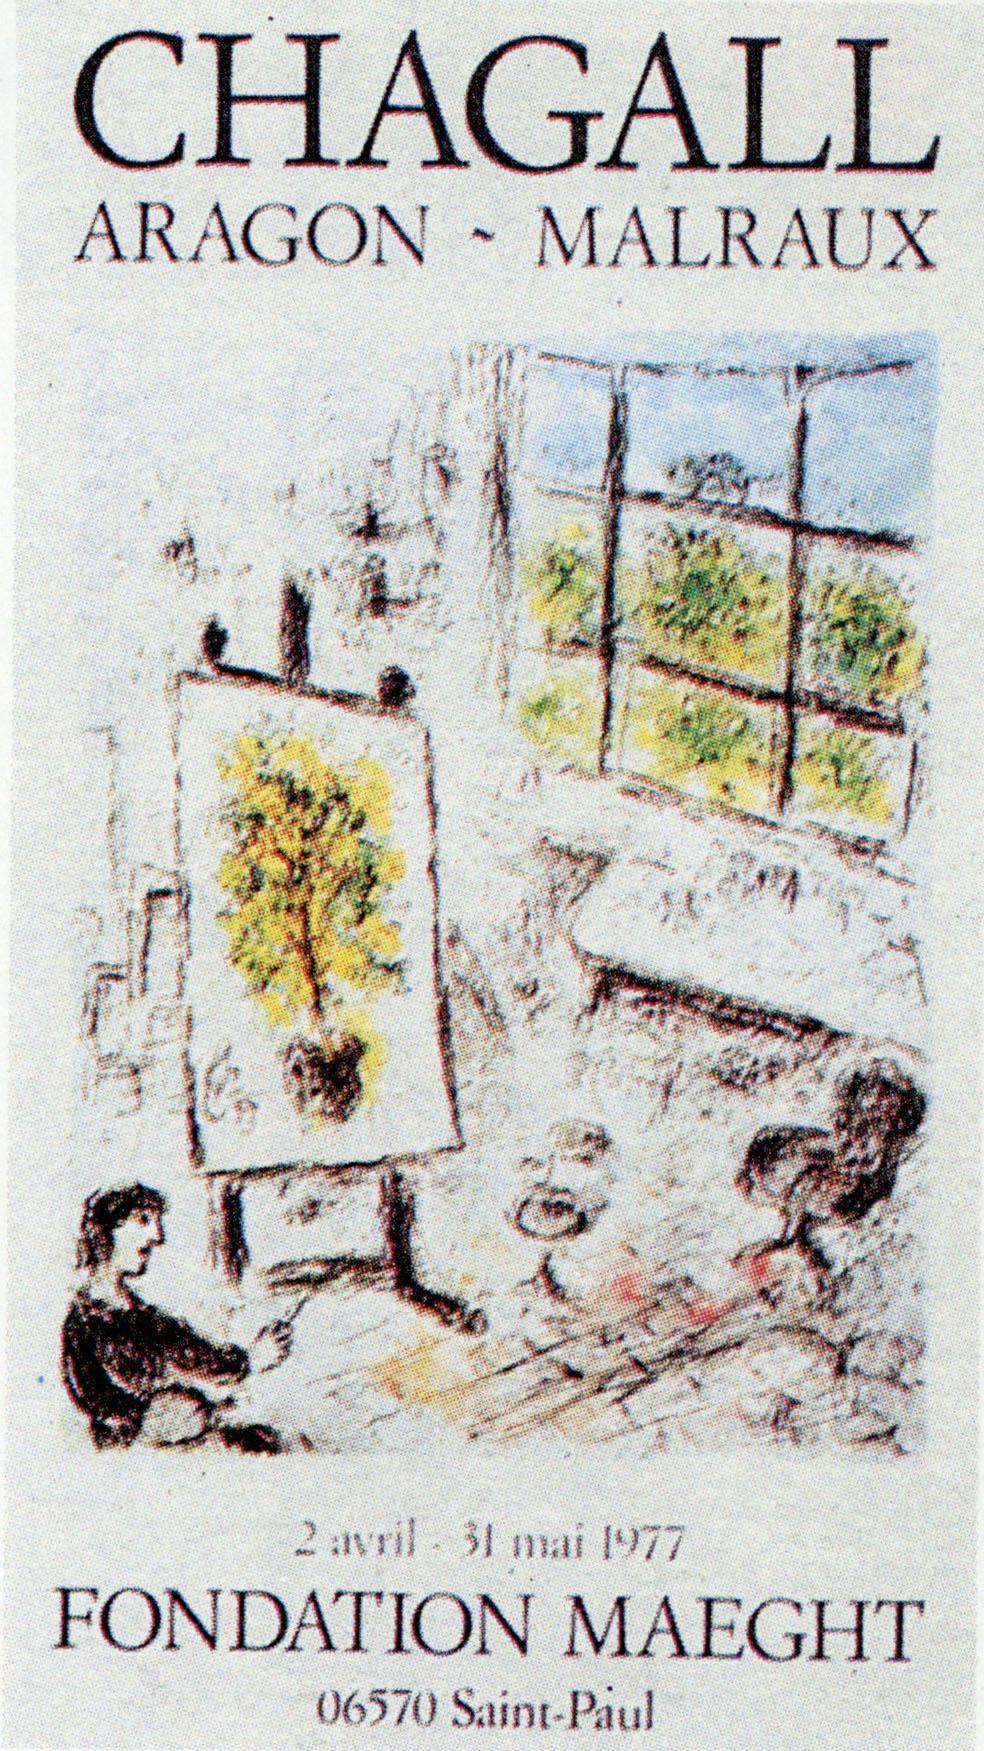 マルク・シャガール ポスター「Aragon-Malraux」/Marc Chagall